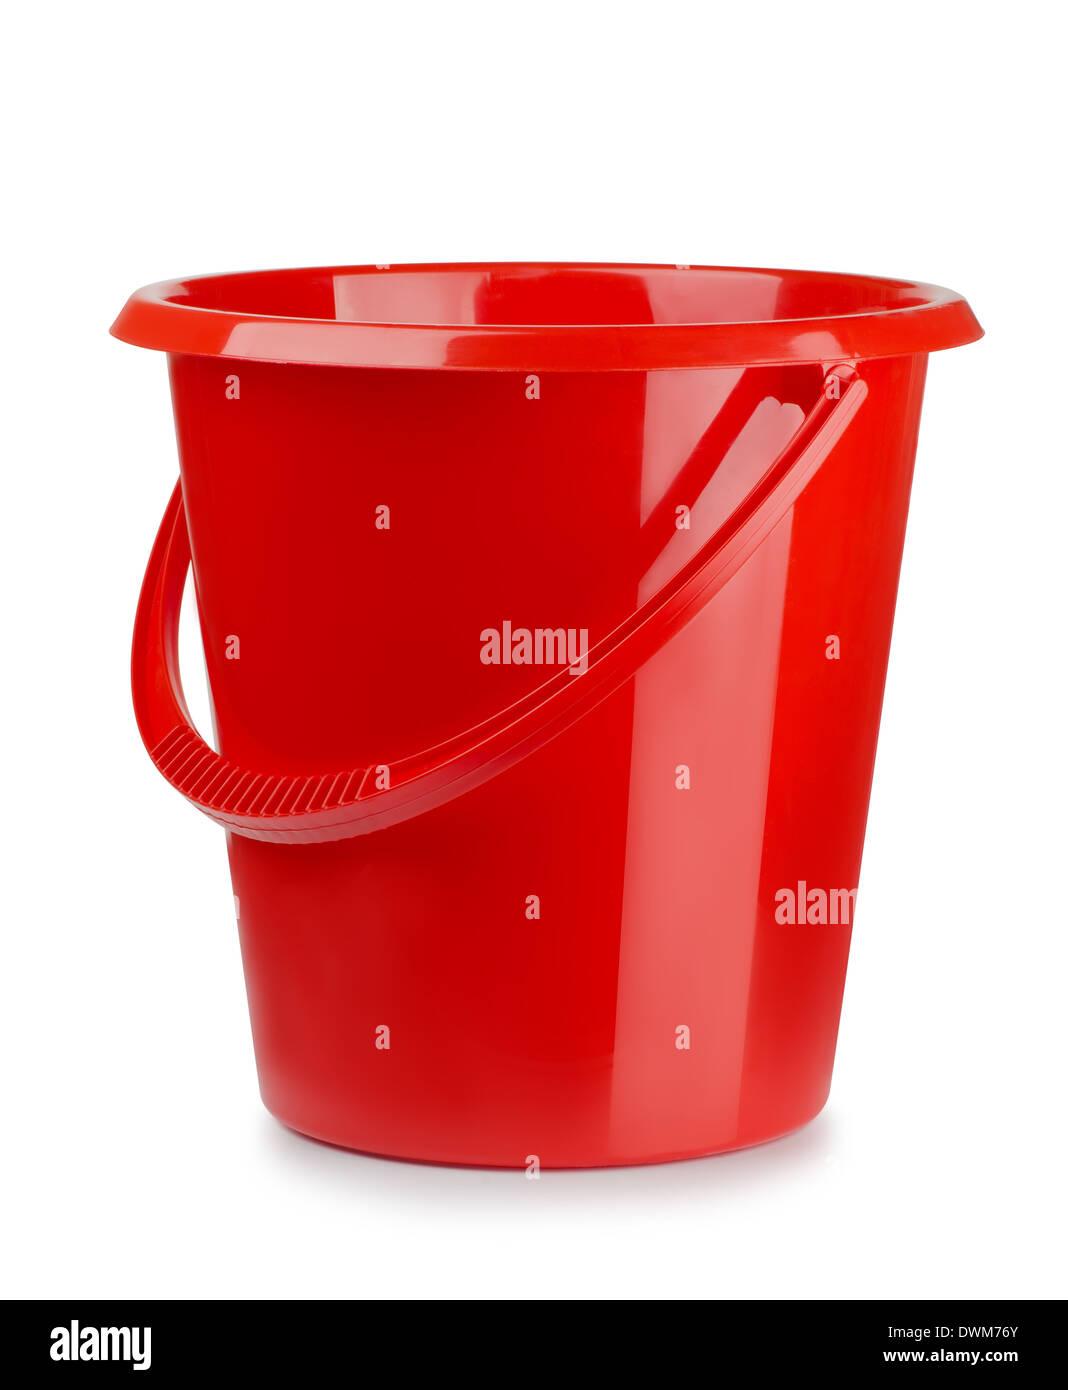 Red secchio di plastica isolato su bianco Immagini Stock